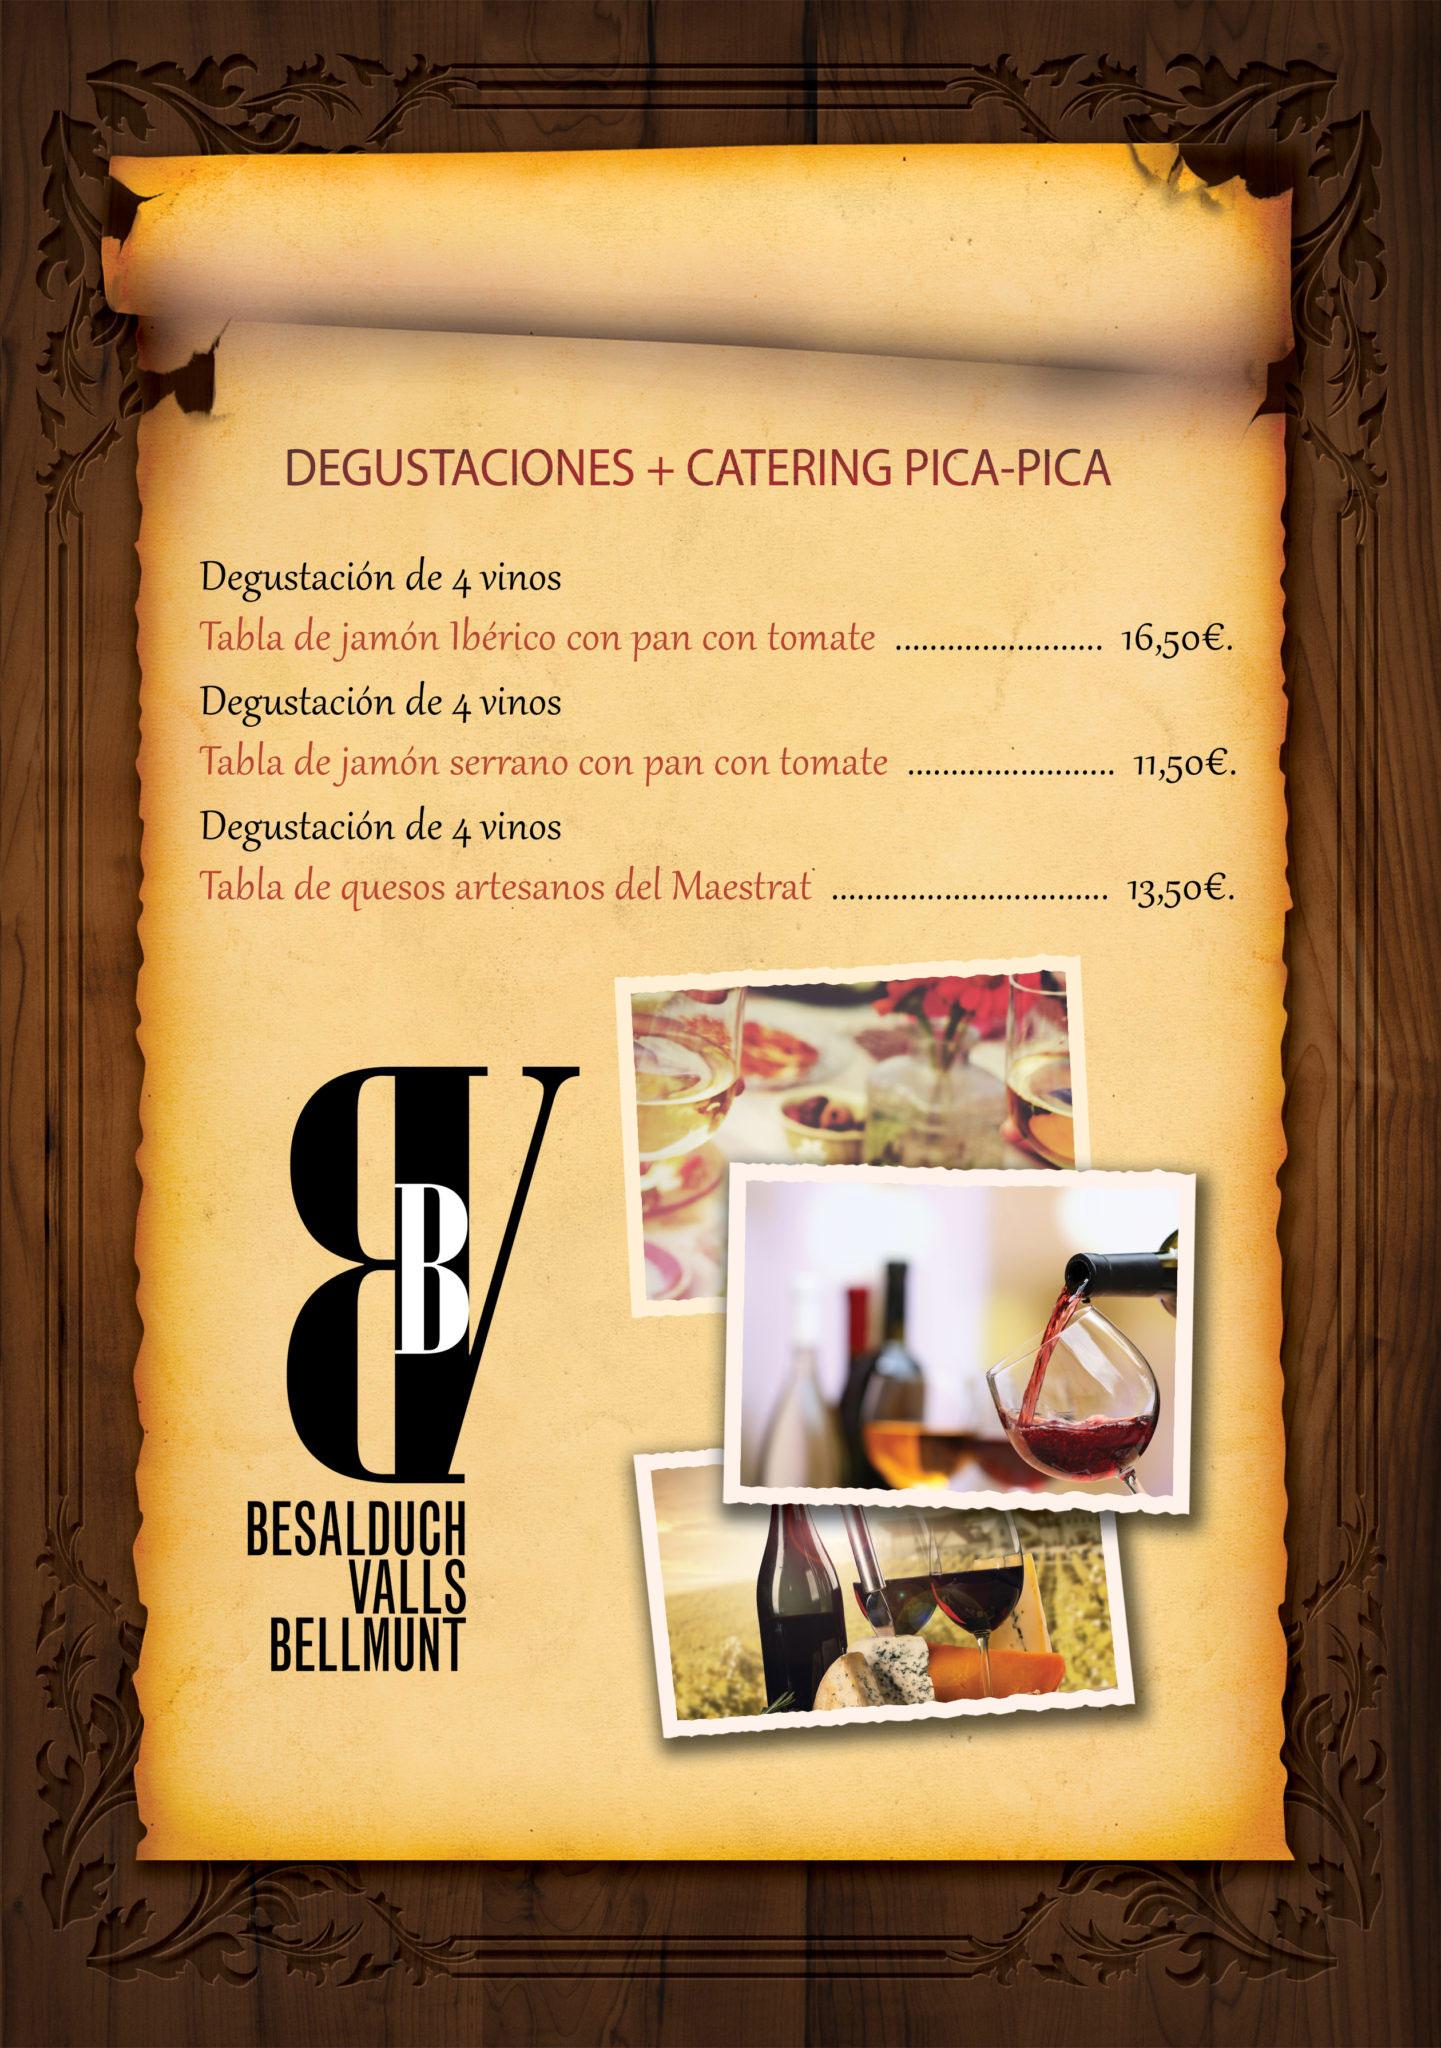 DEGUSTACIÓN + CATERING PICA-PICA